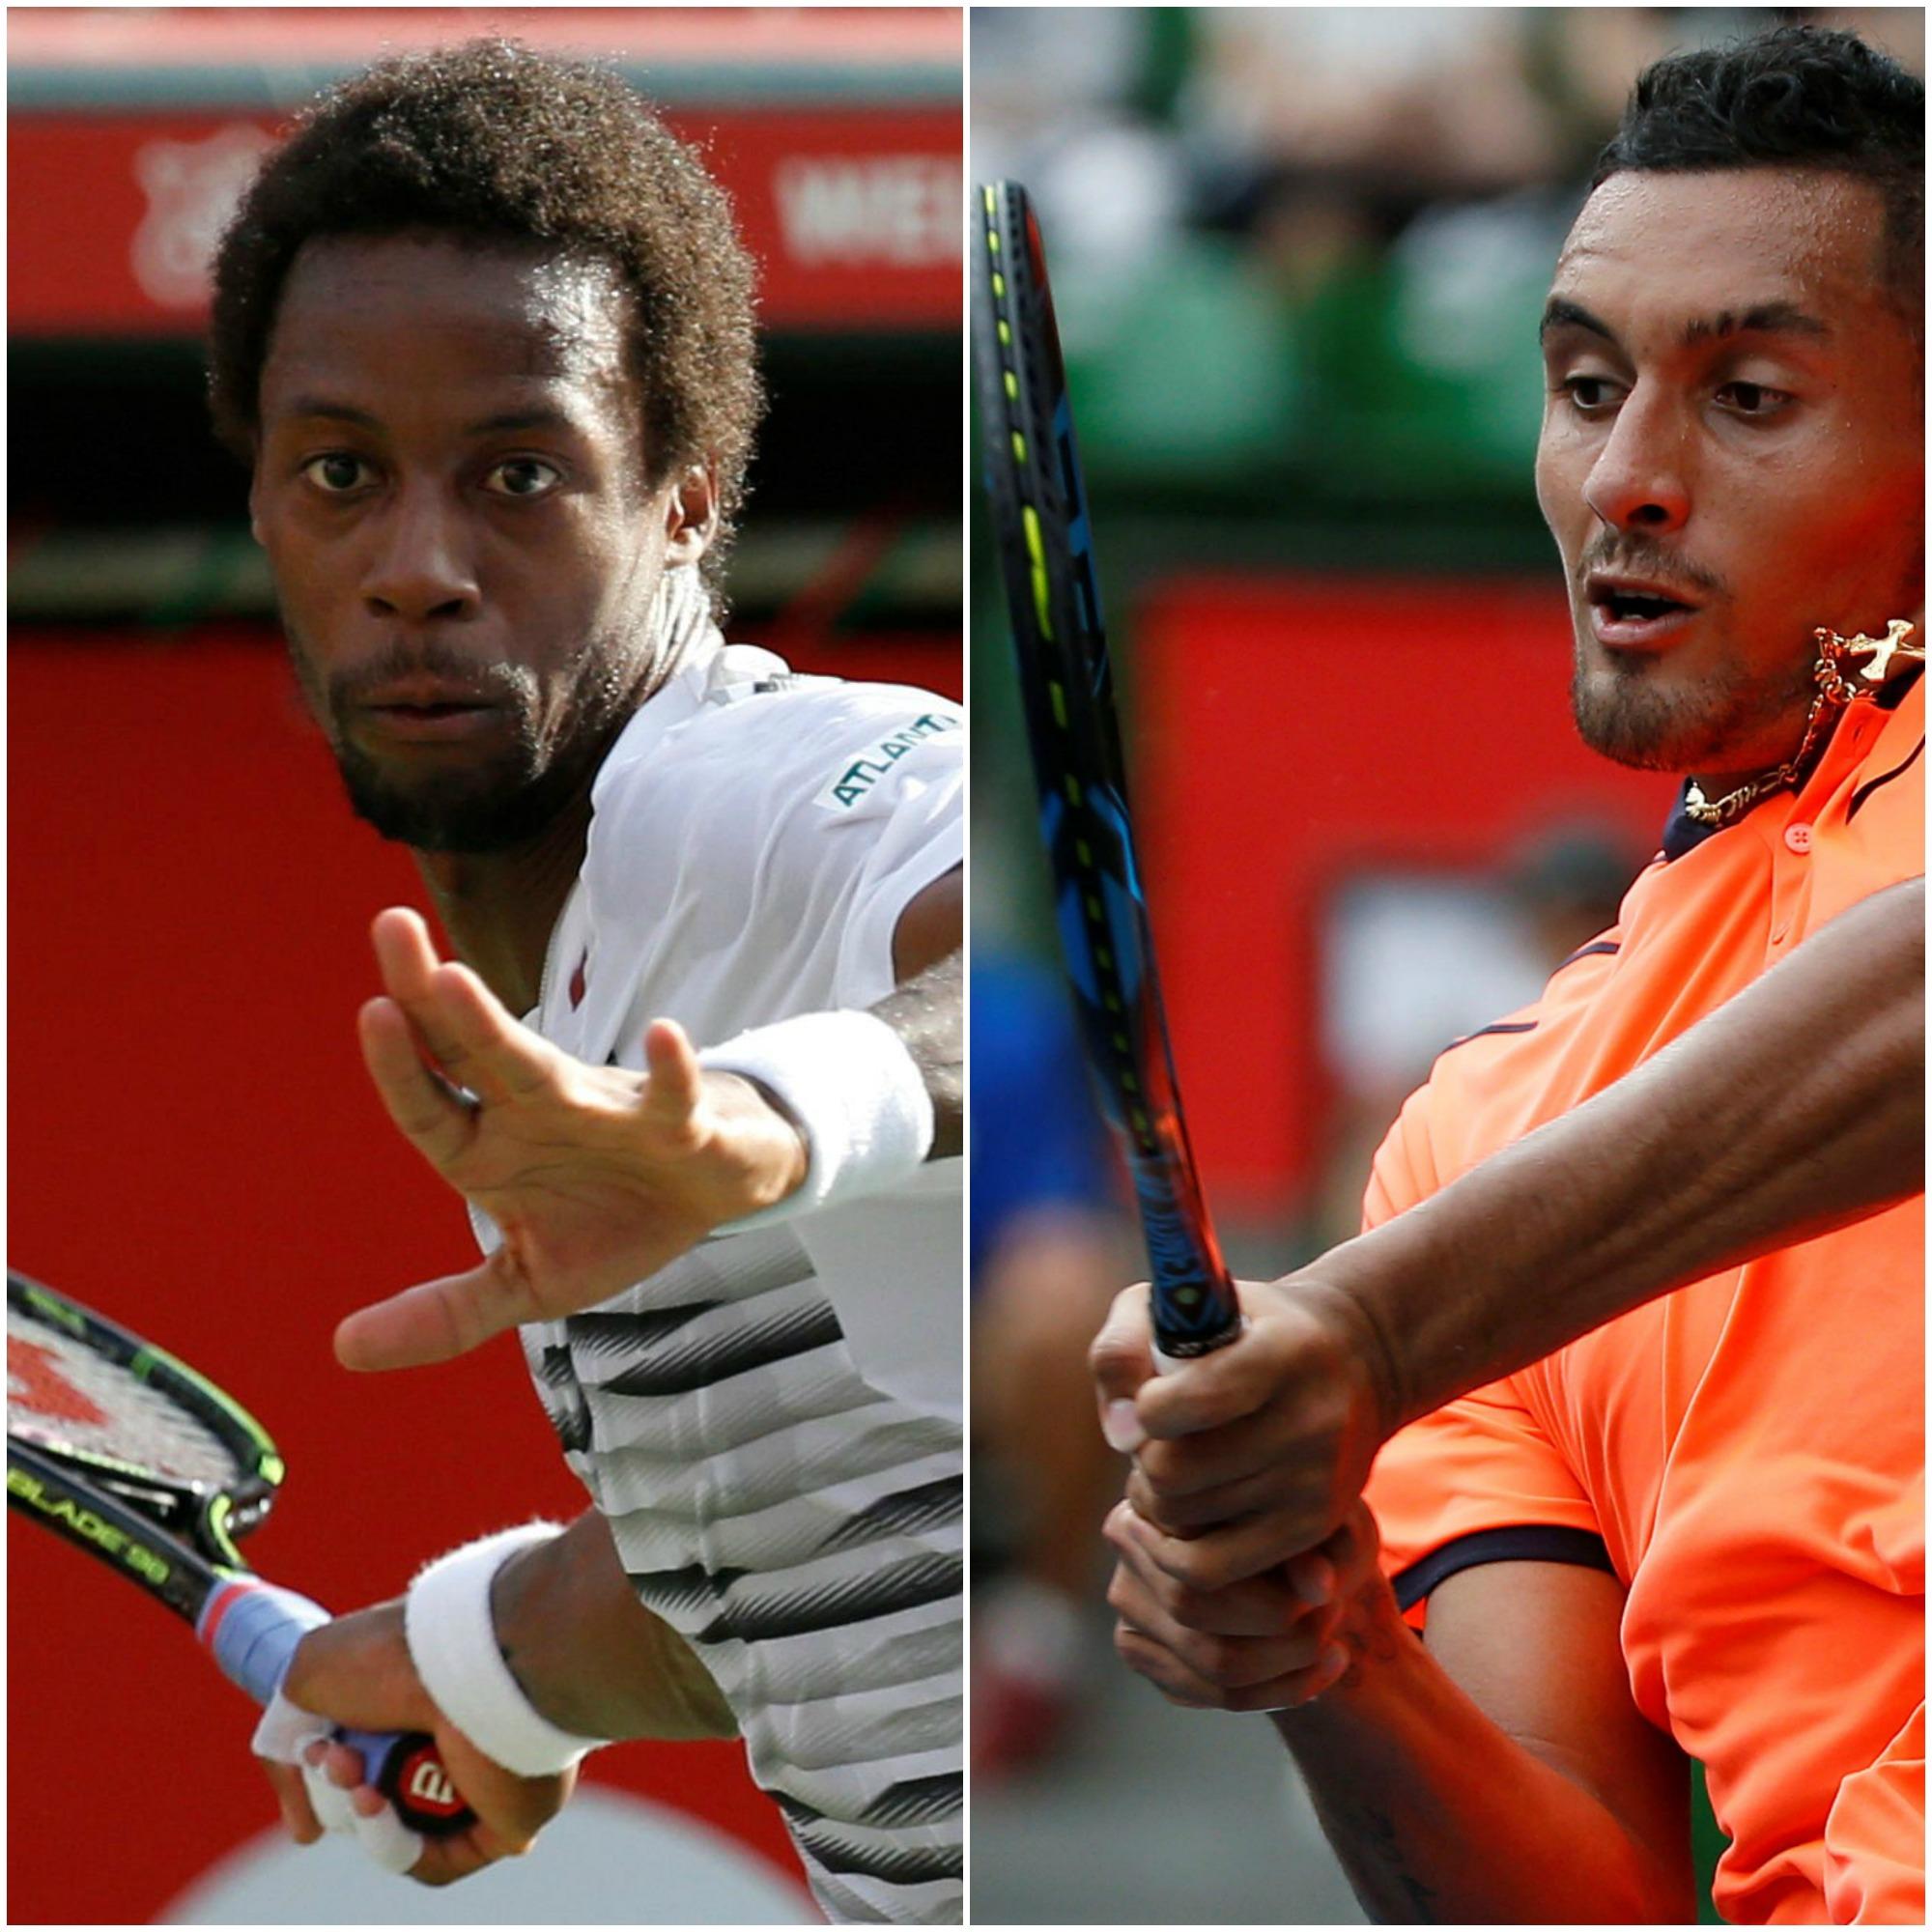 Tennis - ATP - Monfils-Kyrgios, ressemblances et différences